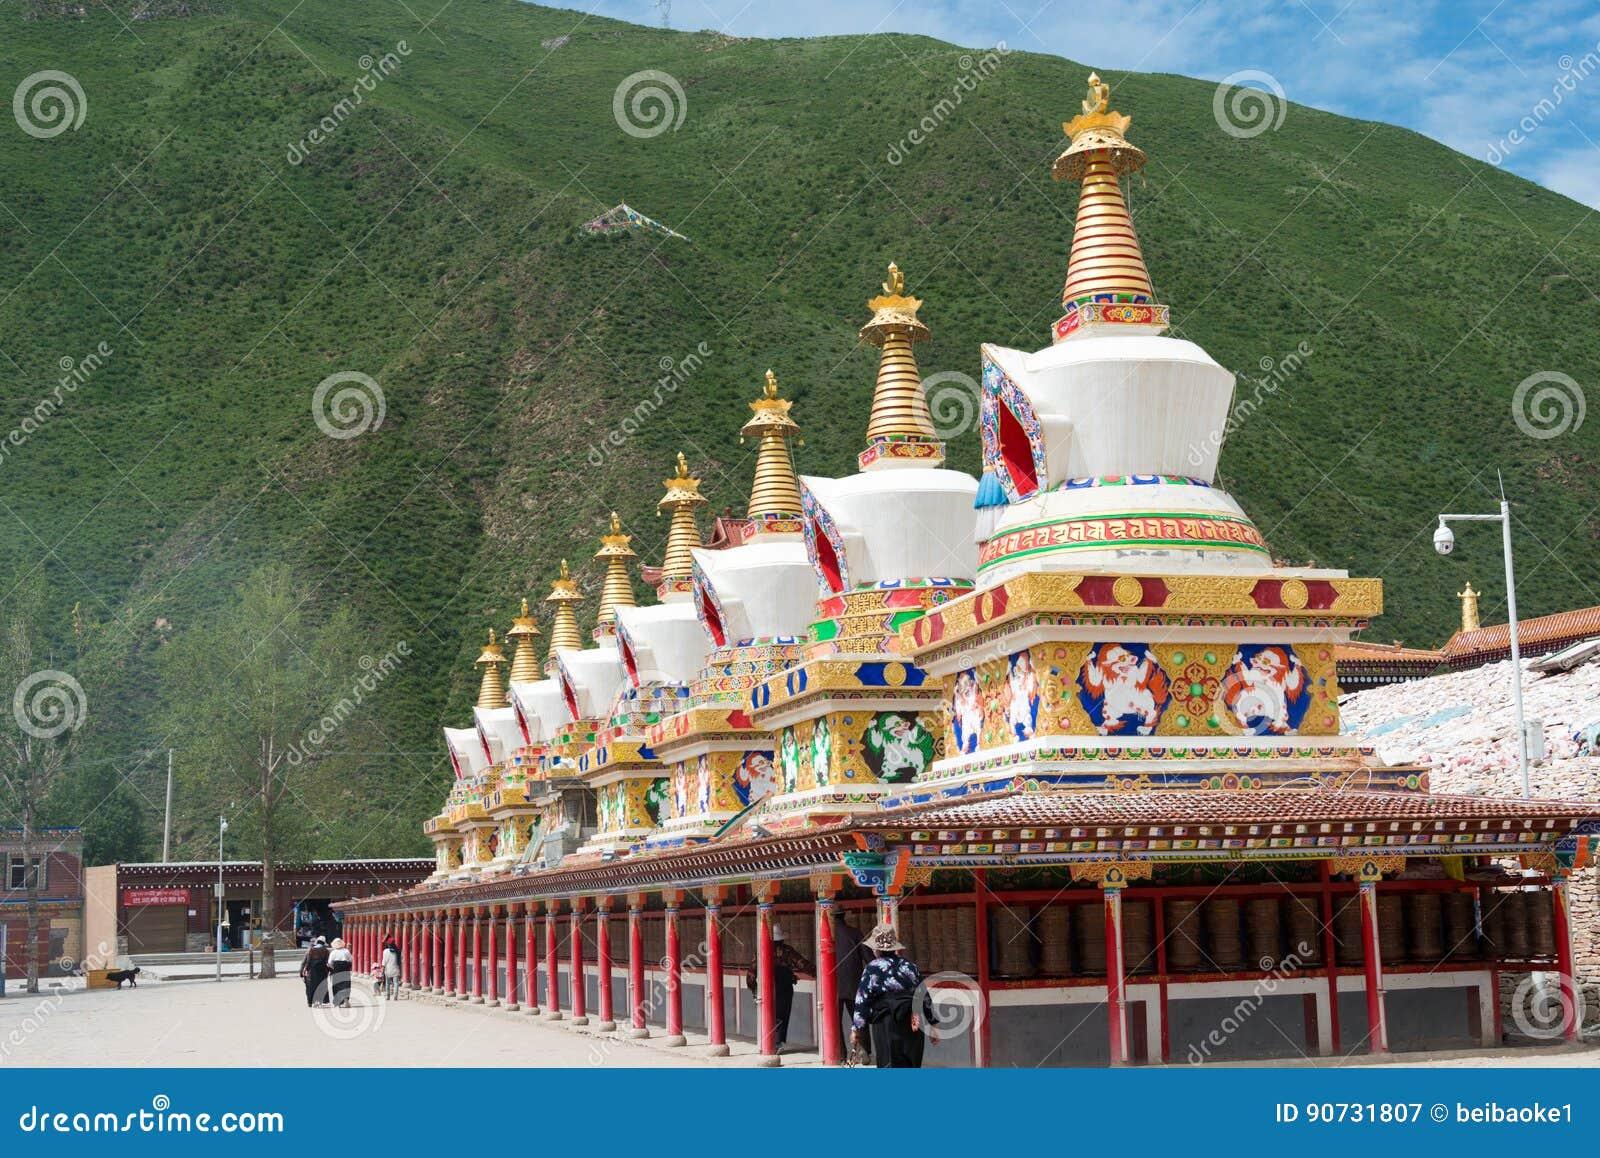 YUSHU(JYEKUNDO), CHINA - Jul 13 2014: Mani Temple(Mani Shicheng). a famous landmark in the Tibetan city of Yushu, Qinghai, China..